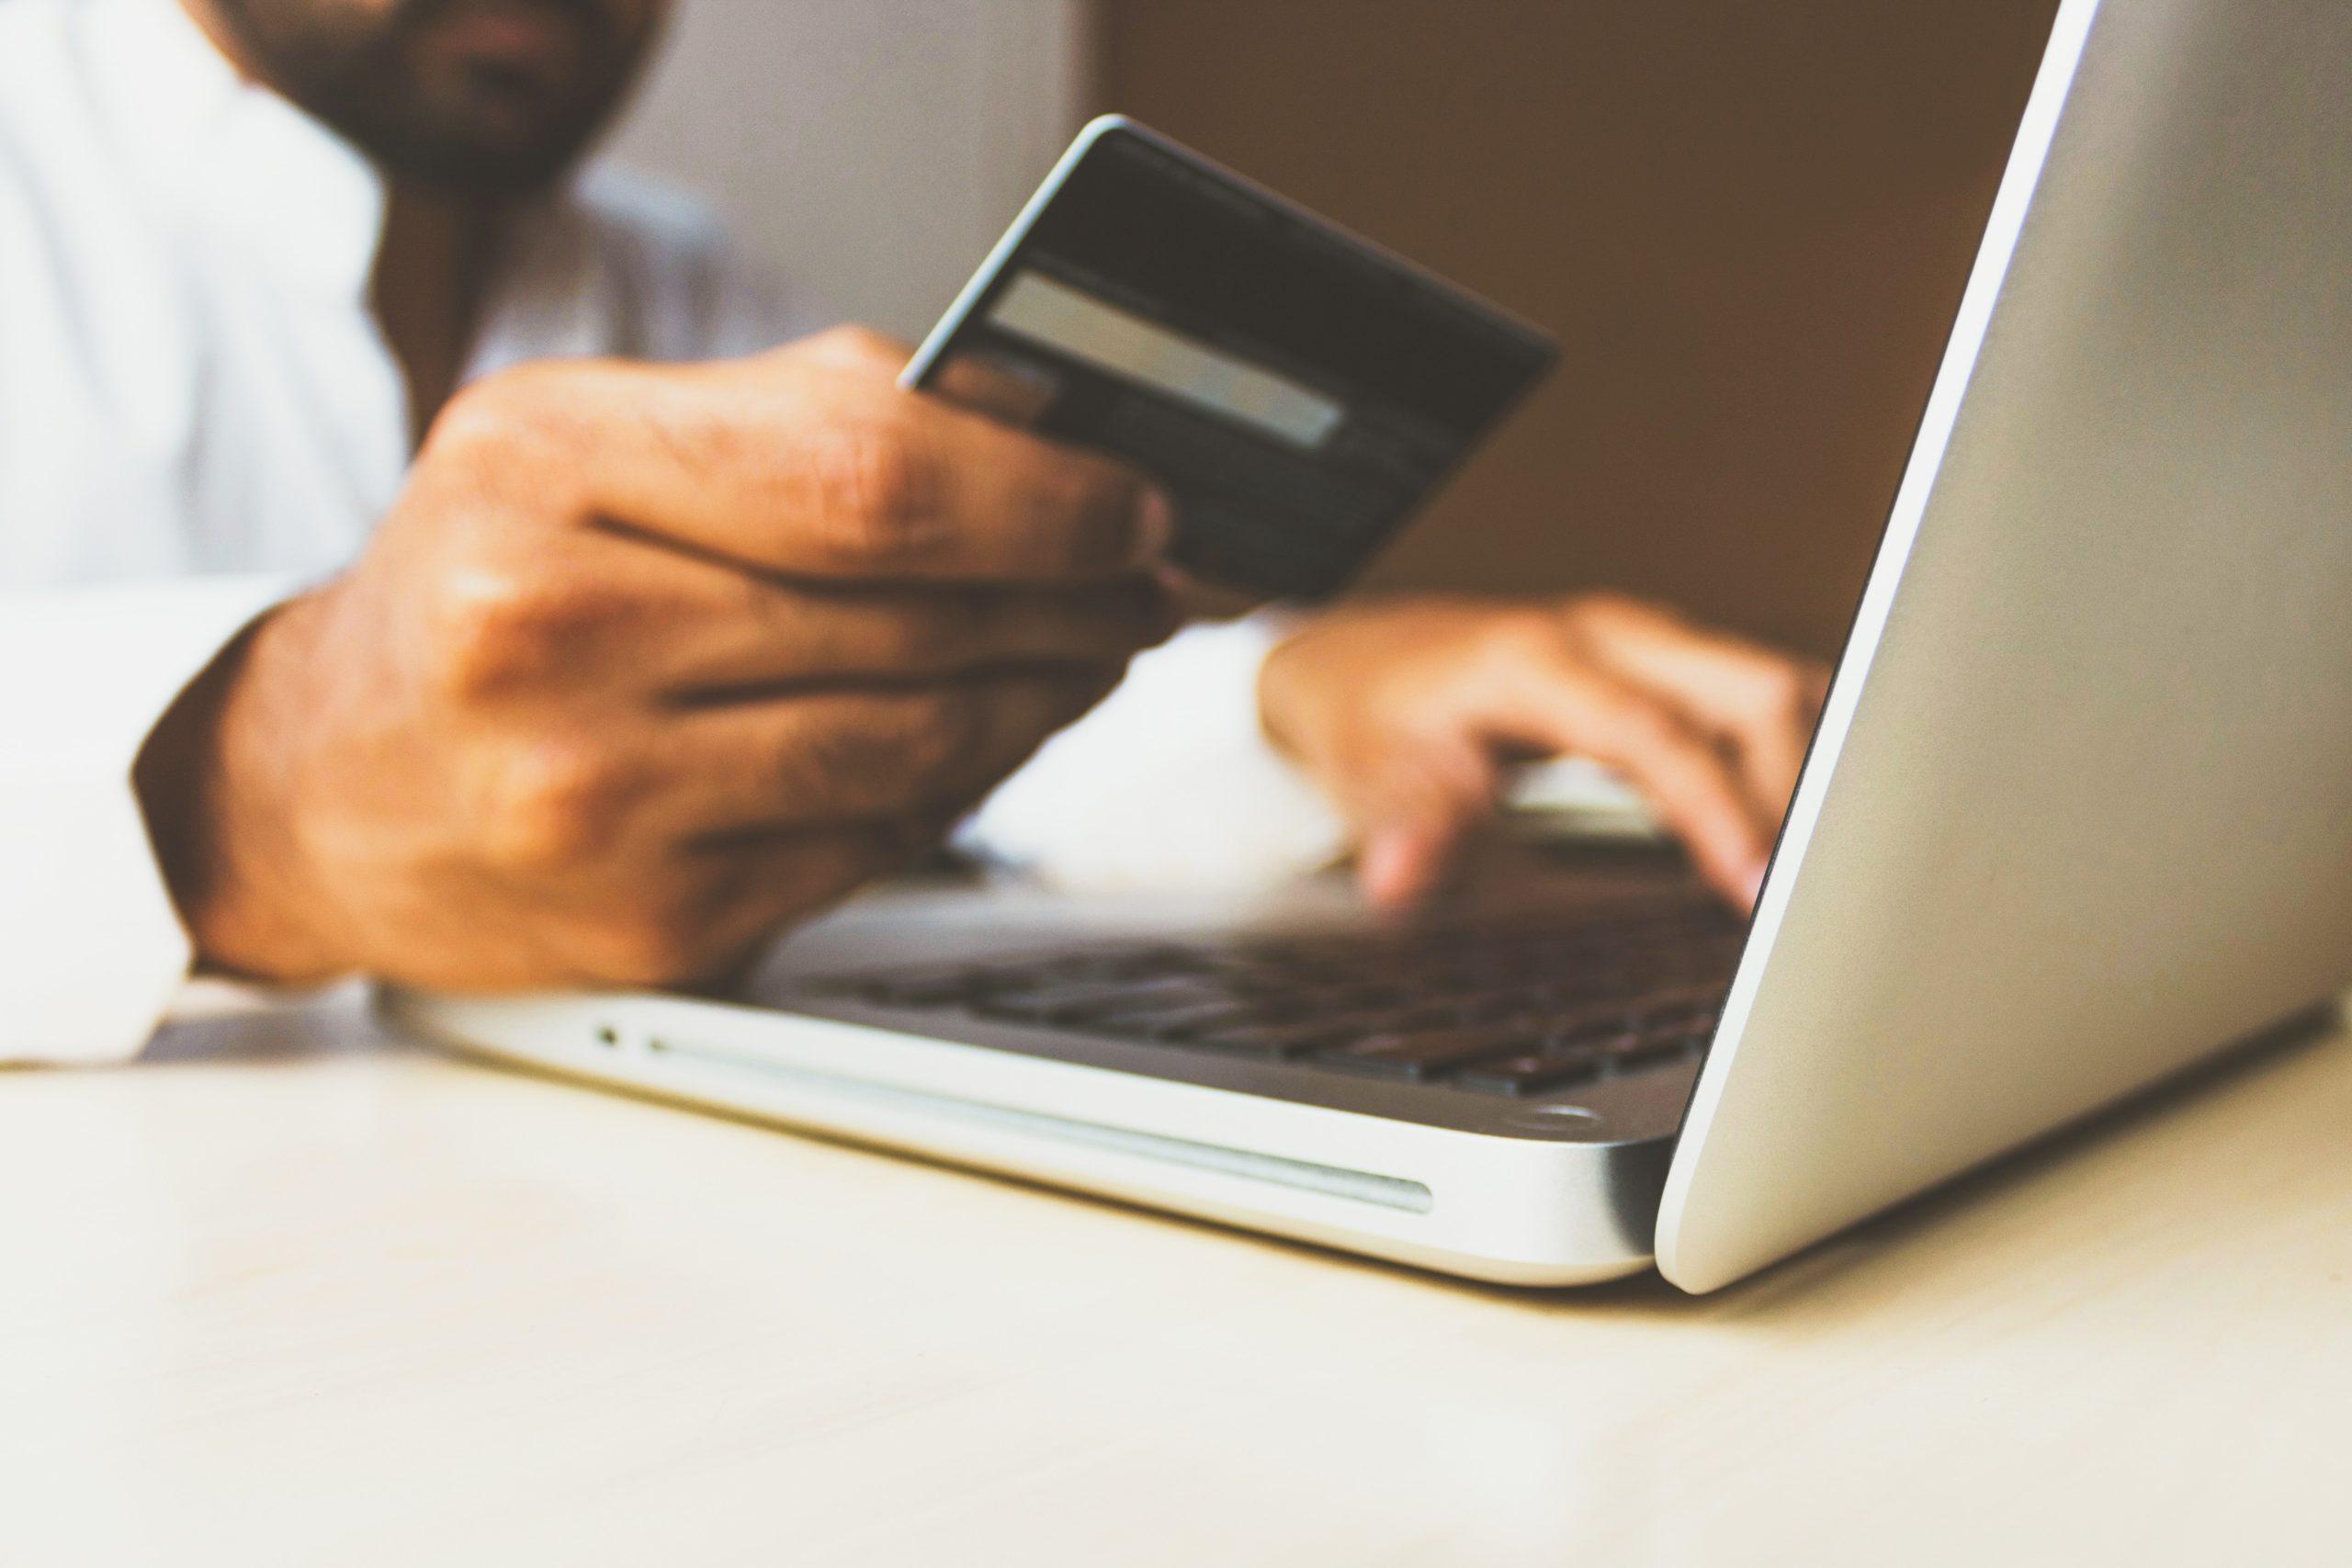 クレジットカードクレジット機能付きのデビットカード